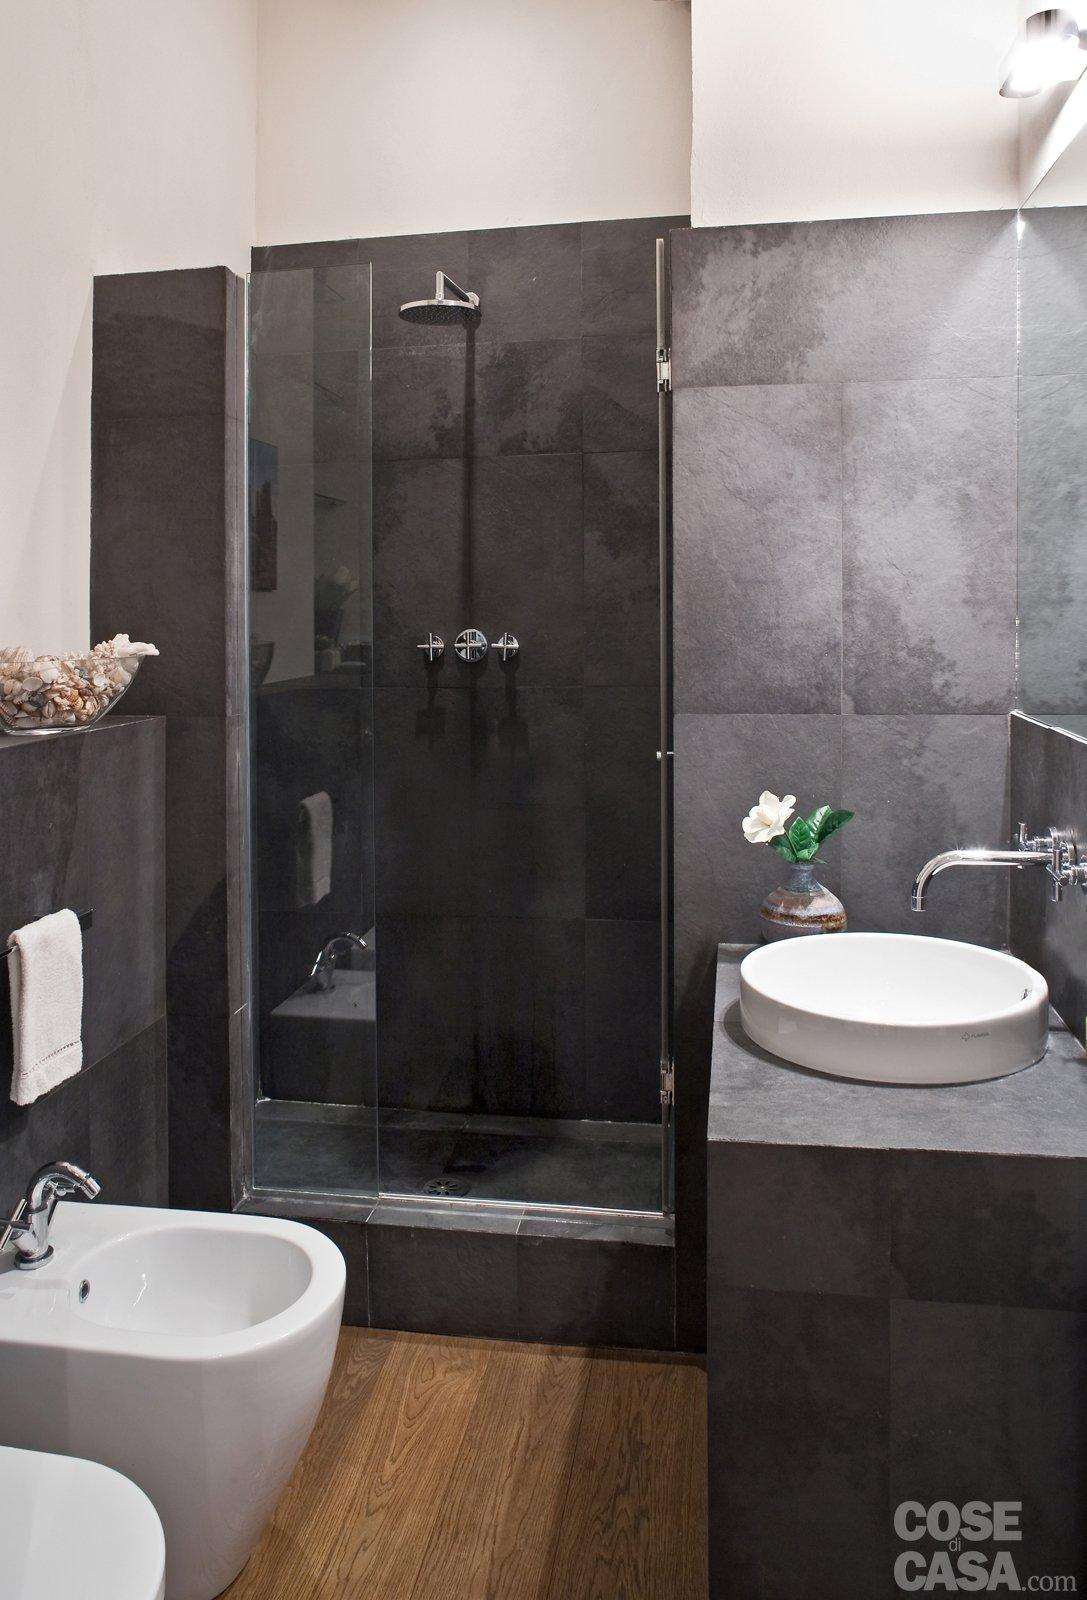 Una casa di 80 mq superfunzionali cose di casa - Progetto bagno 4 mq ...